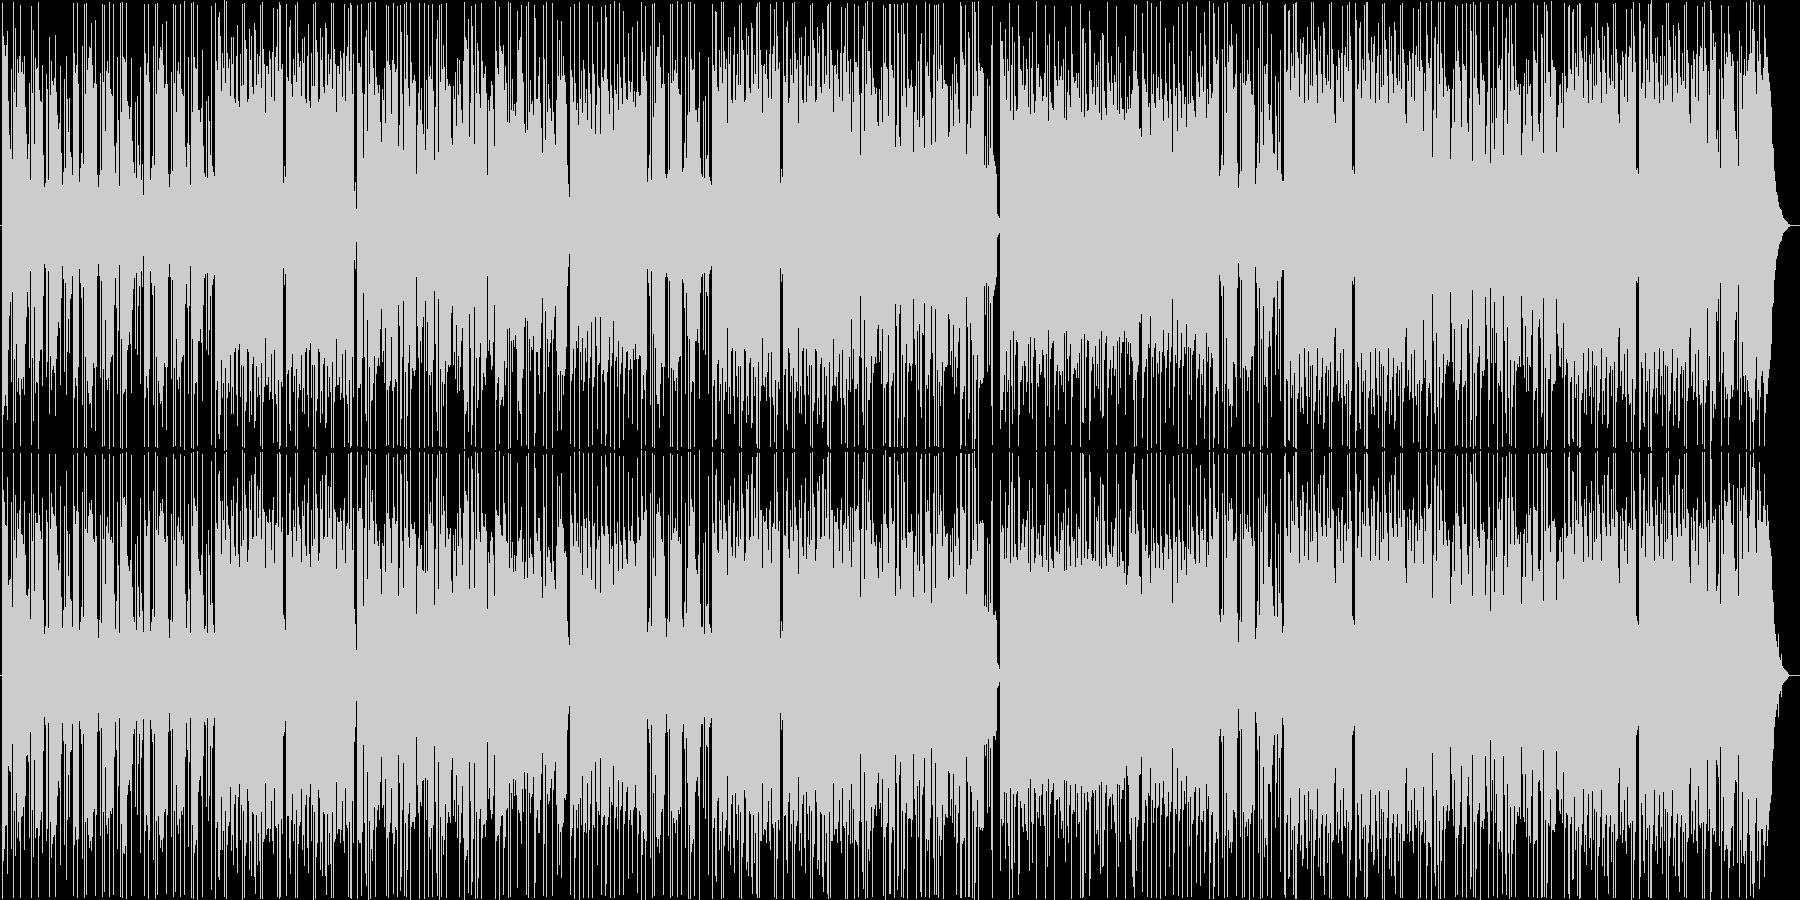 激しさと力強さのロック系インストの未再生の波形